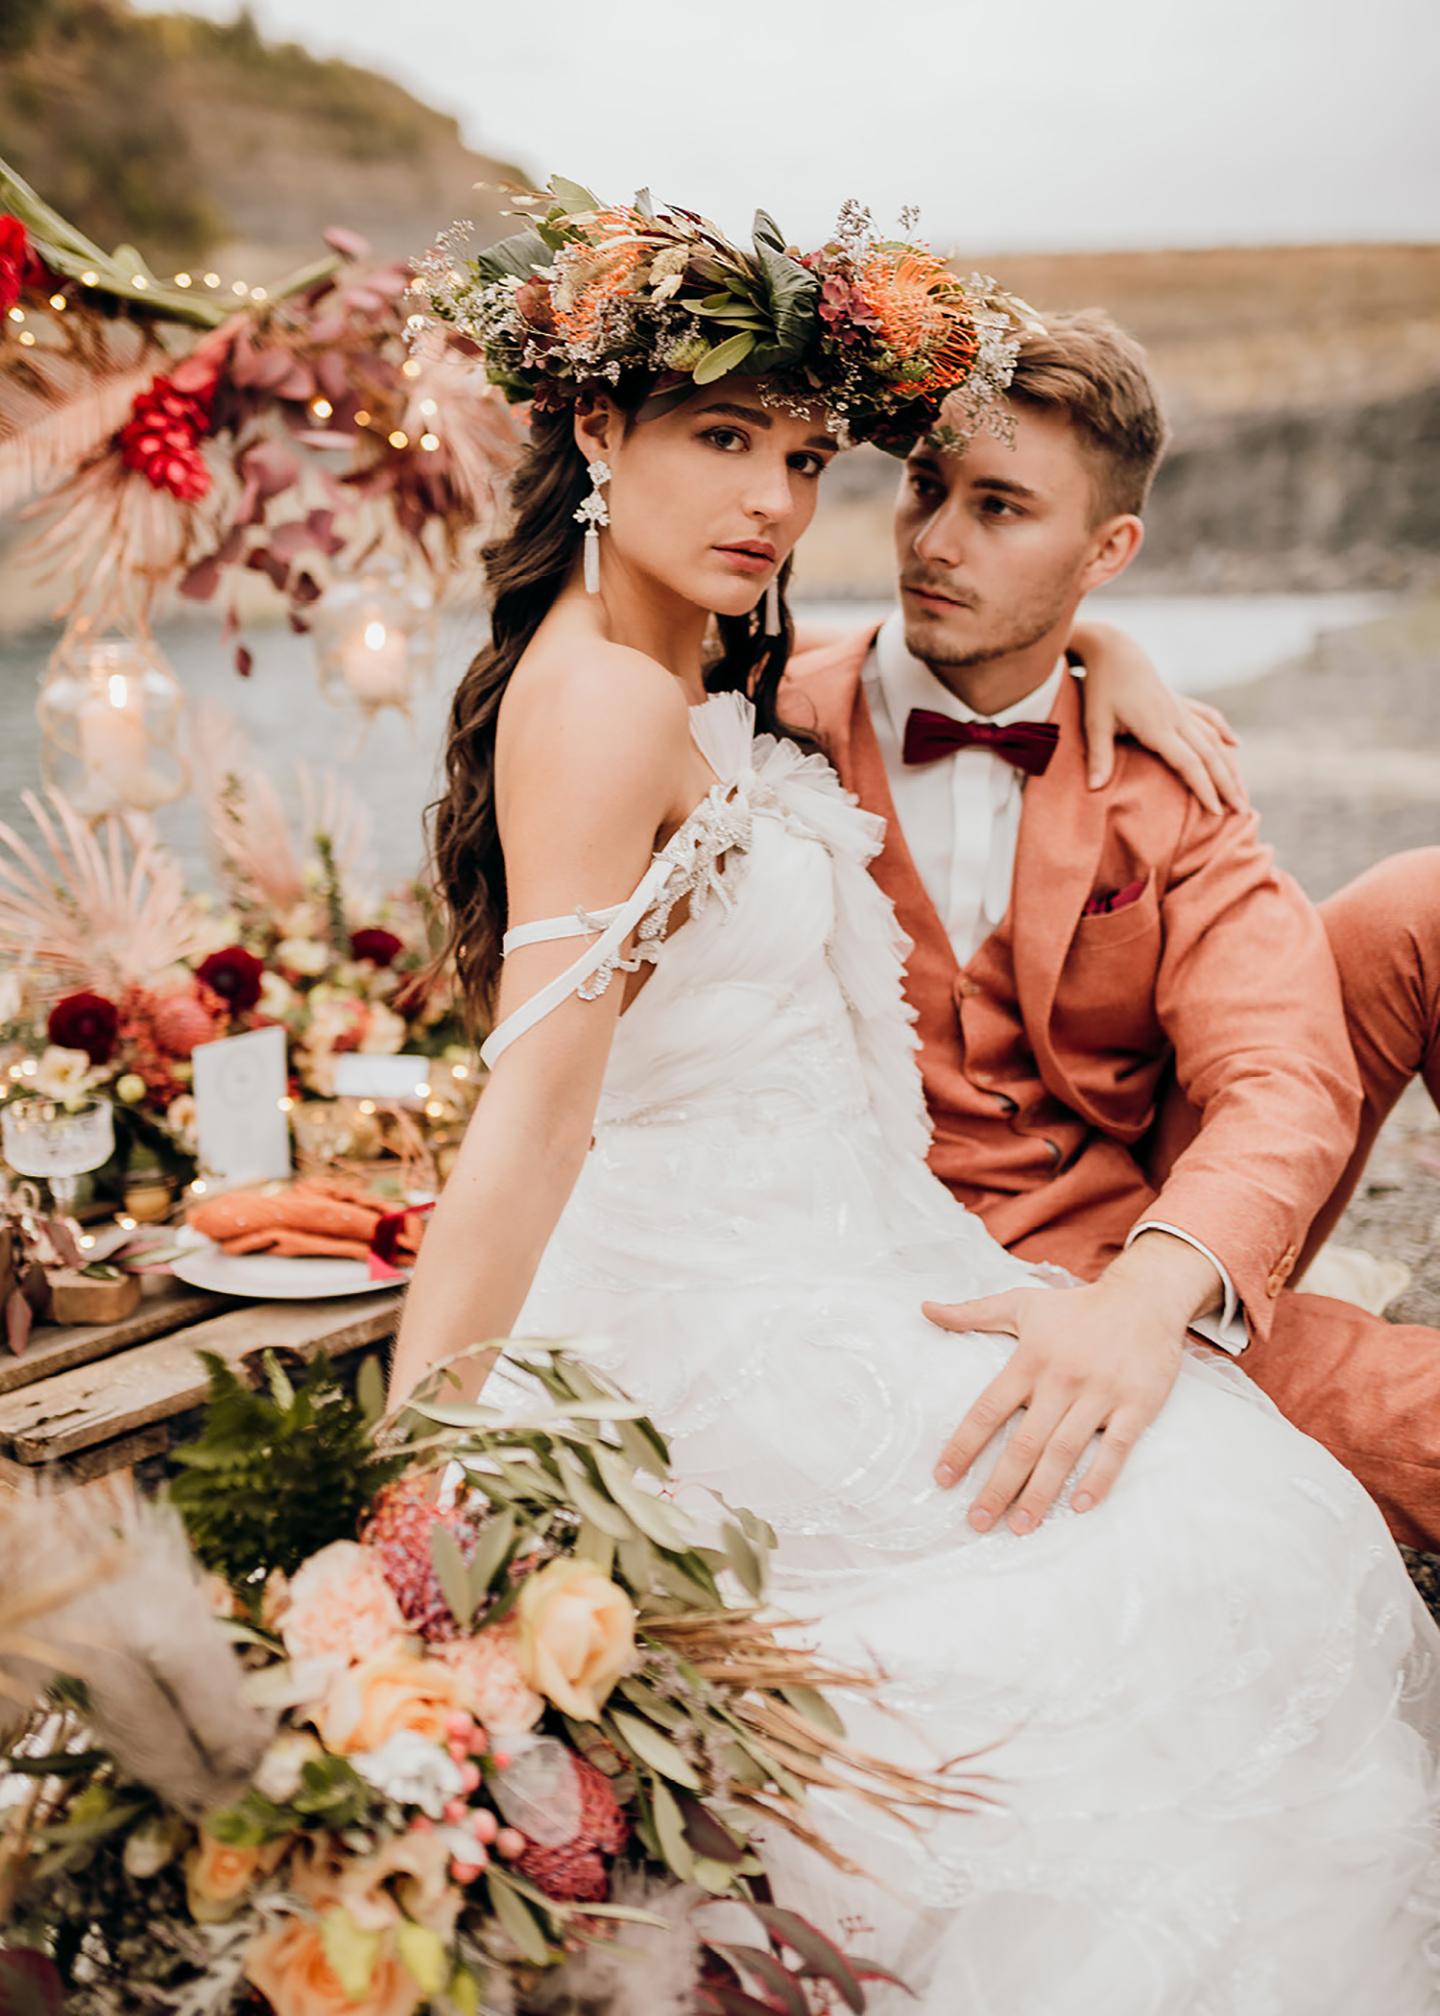 Das Brautpaar sitzt auf der selbstgemachten Hochzeitstafel, die in Rot- und Orangetönen geschmückt ist. Die Braut hat eine Blumenkrone auf ihrem Kopf.